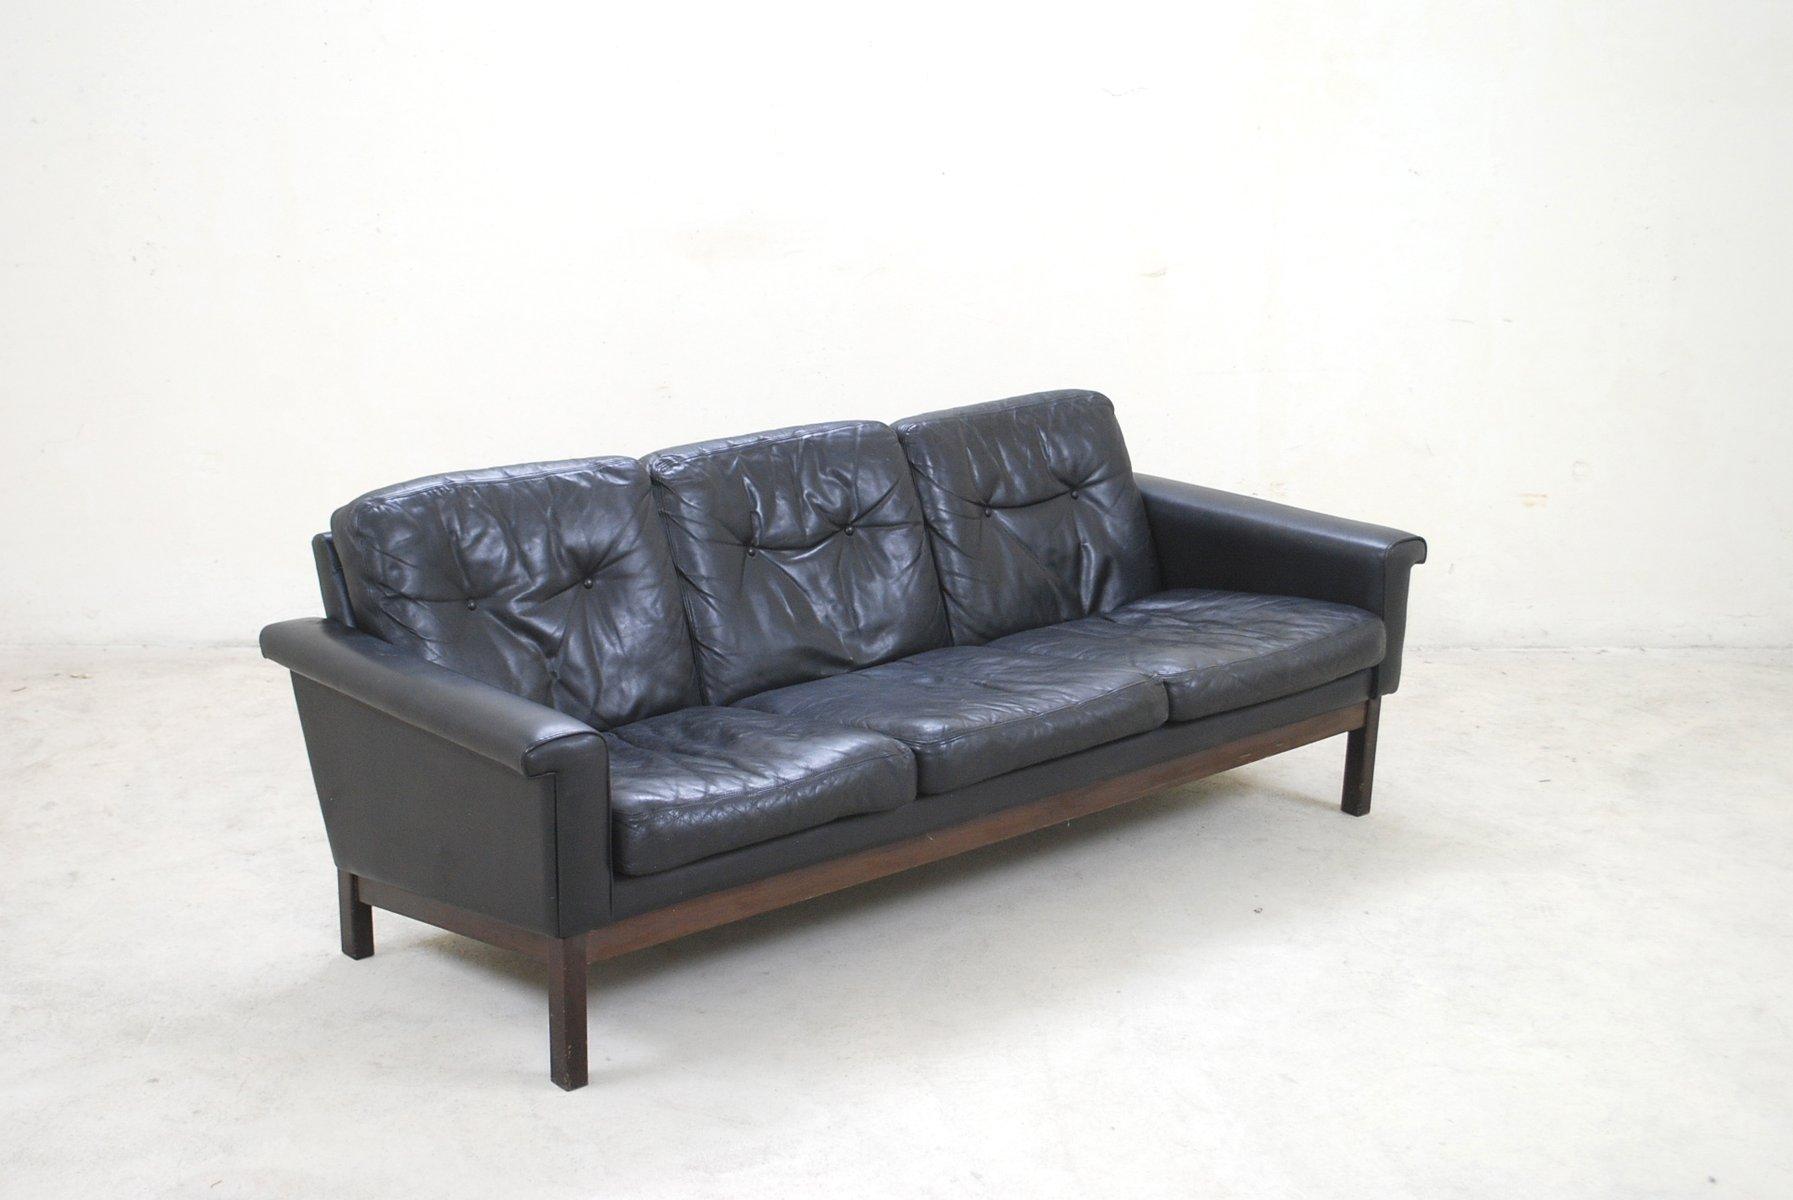 schwarzes vintage leder sofa von asko bei pamono kaufen. Black Bedroom Furniture Sets. Home Design Ideas